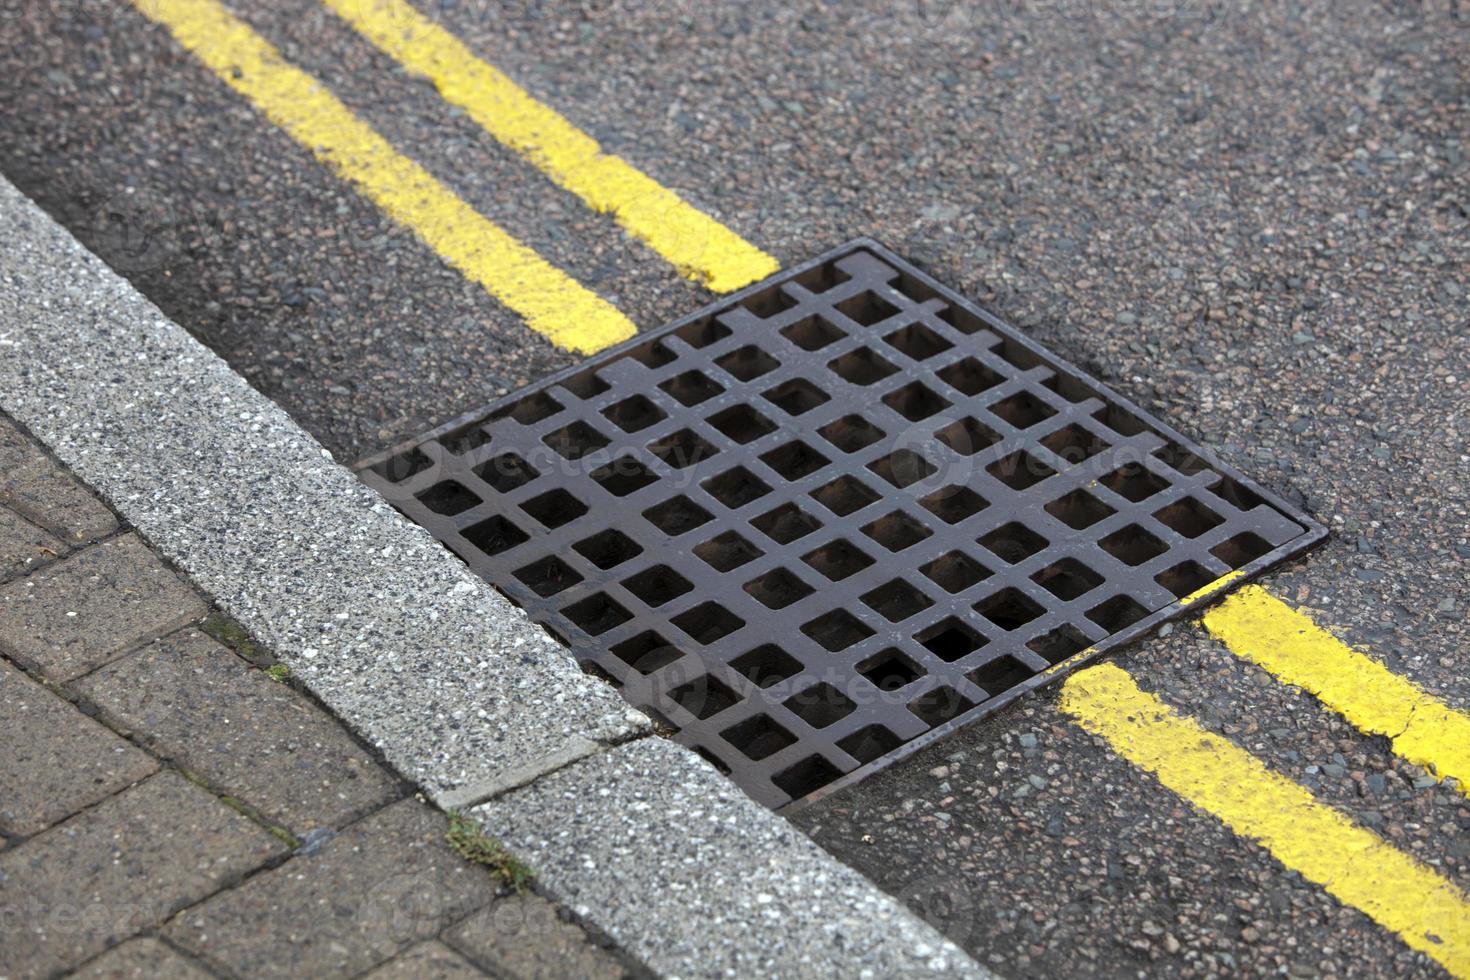 scarico stradale su doppia linea gialla foto